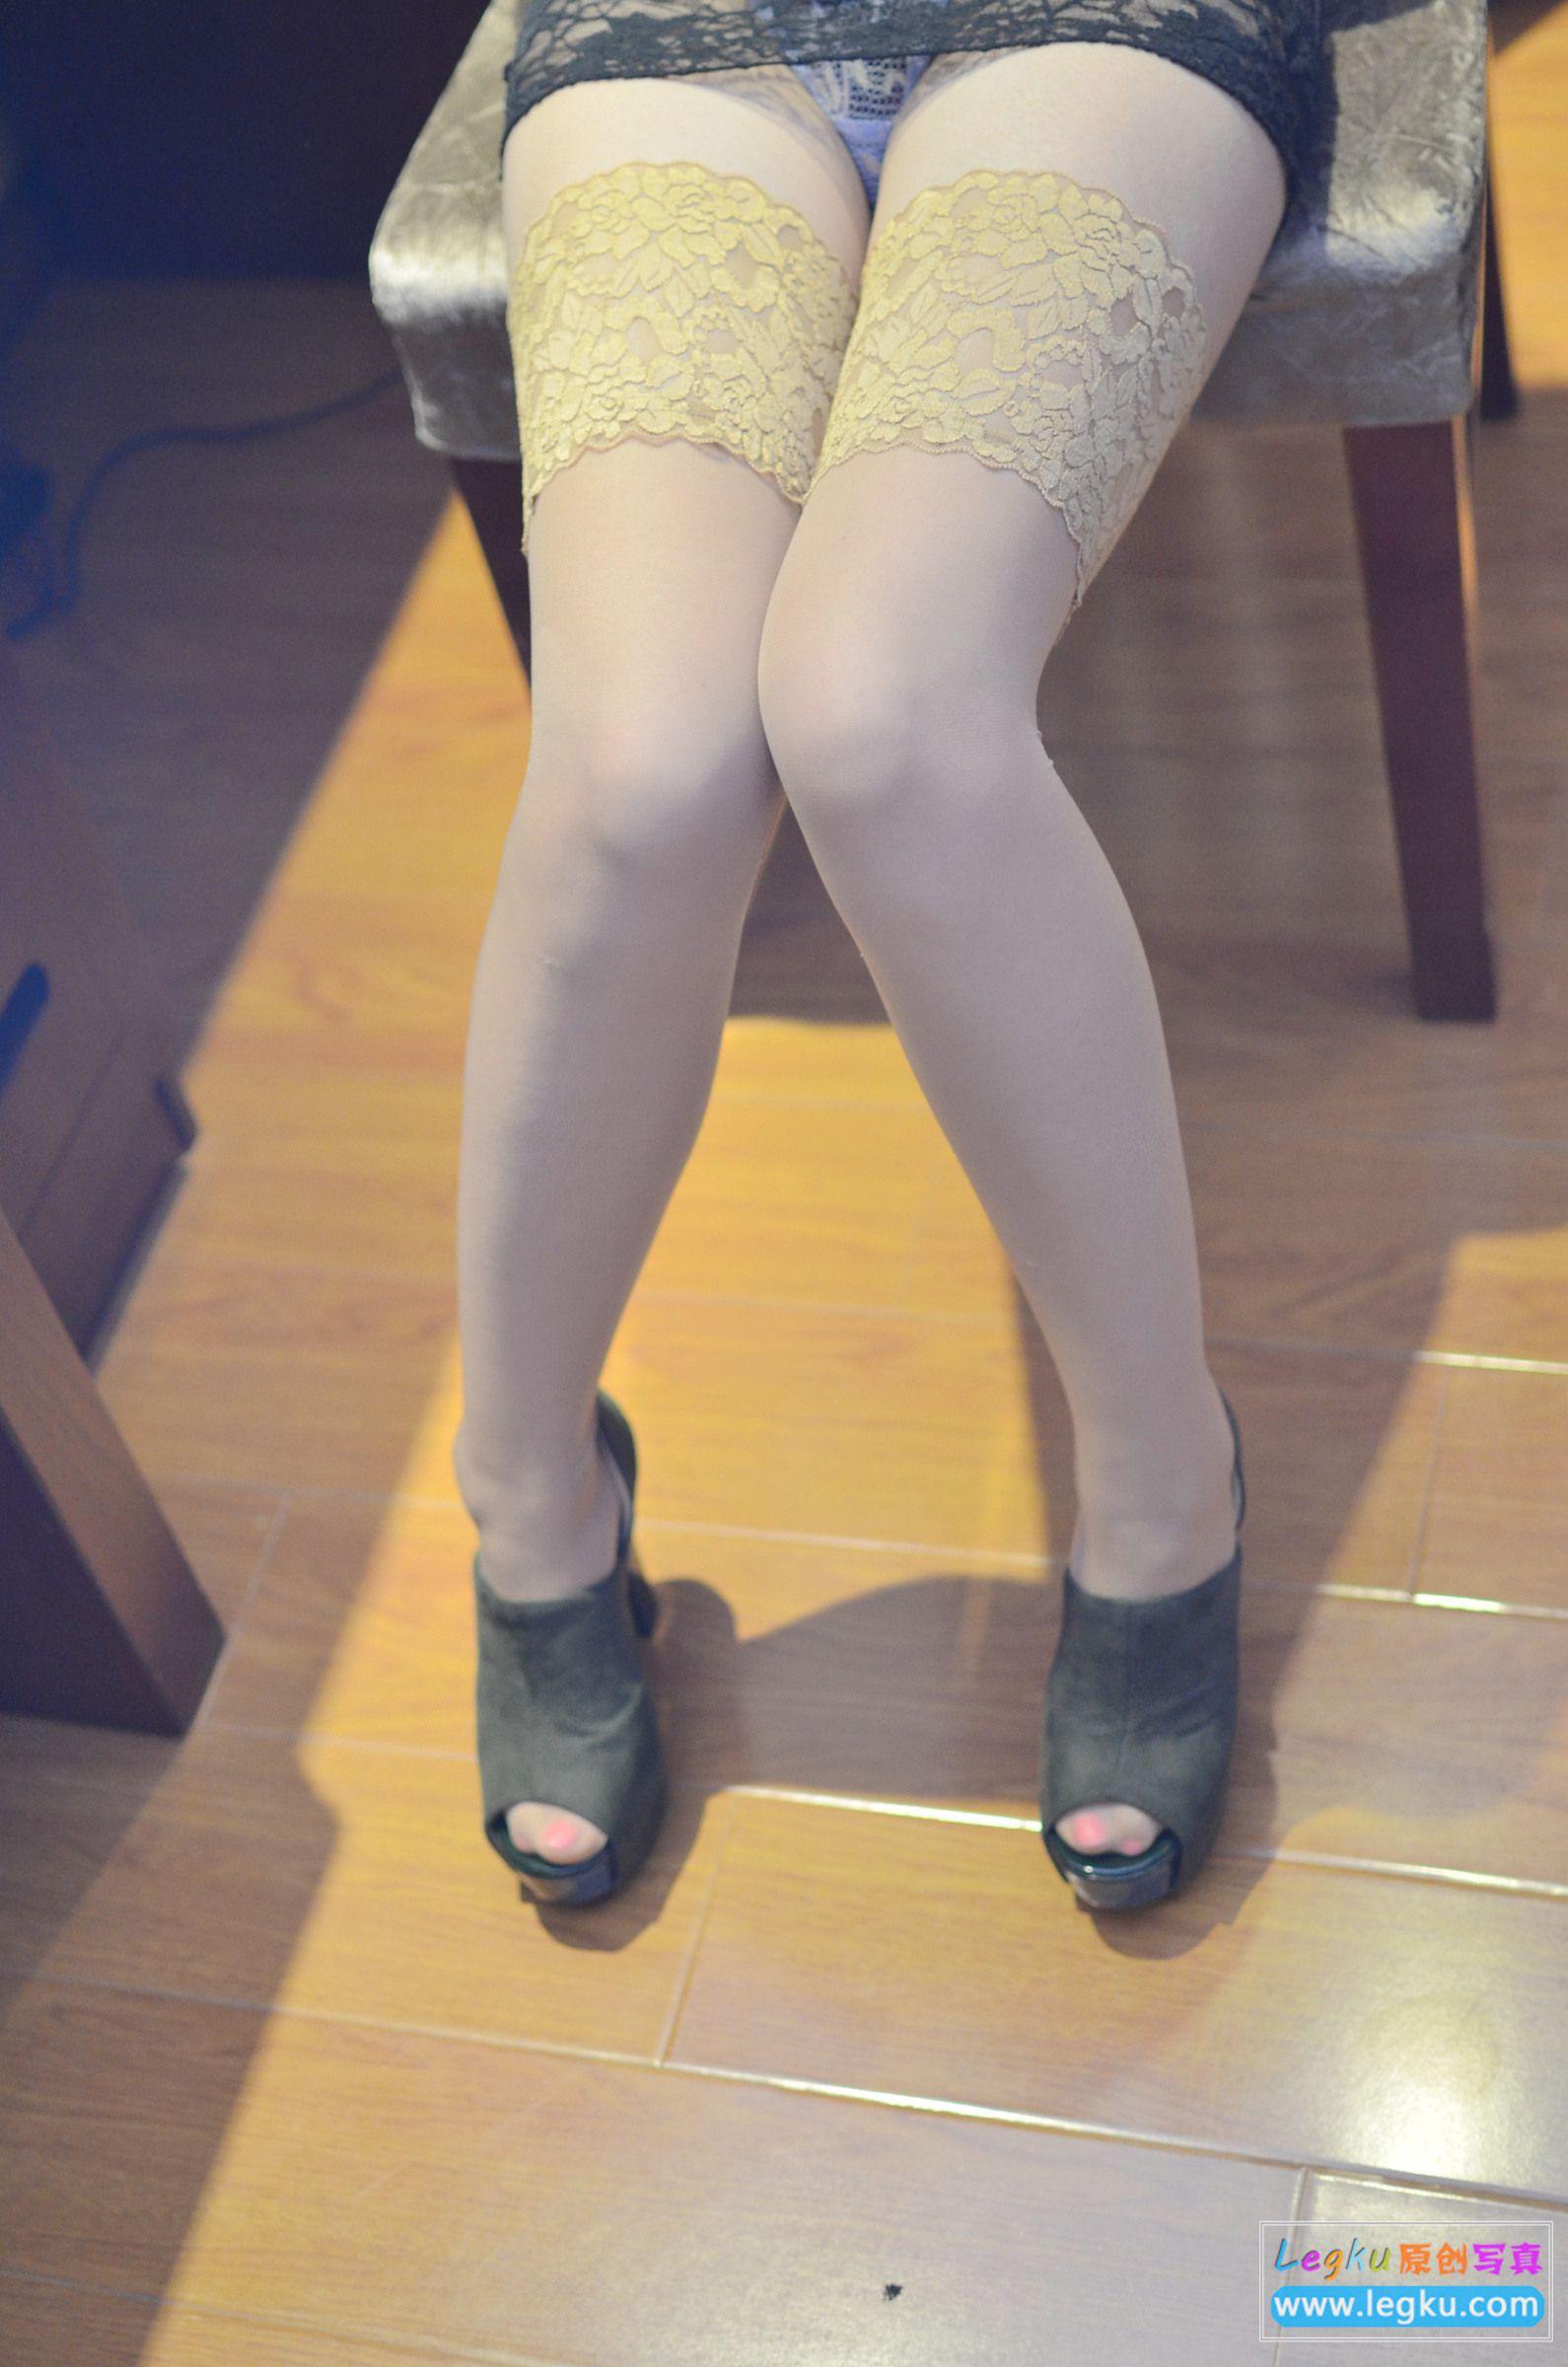 黑色蕾丝+肉丝袜美腿高跟 写真套图